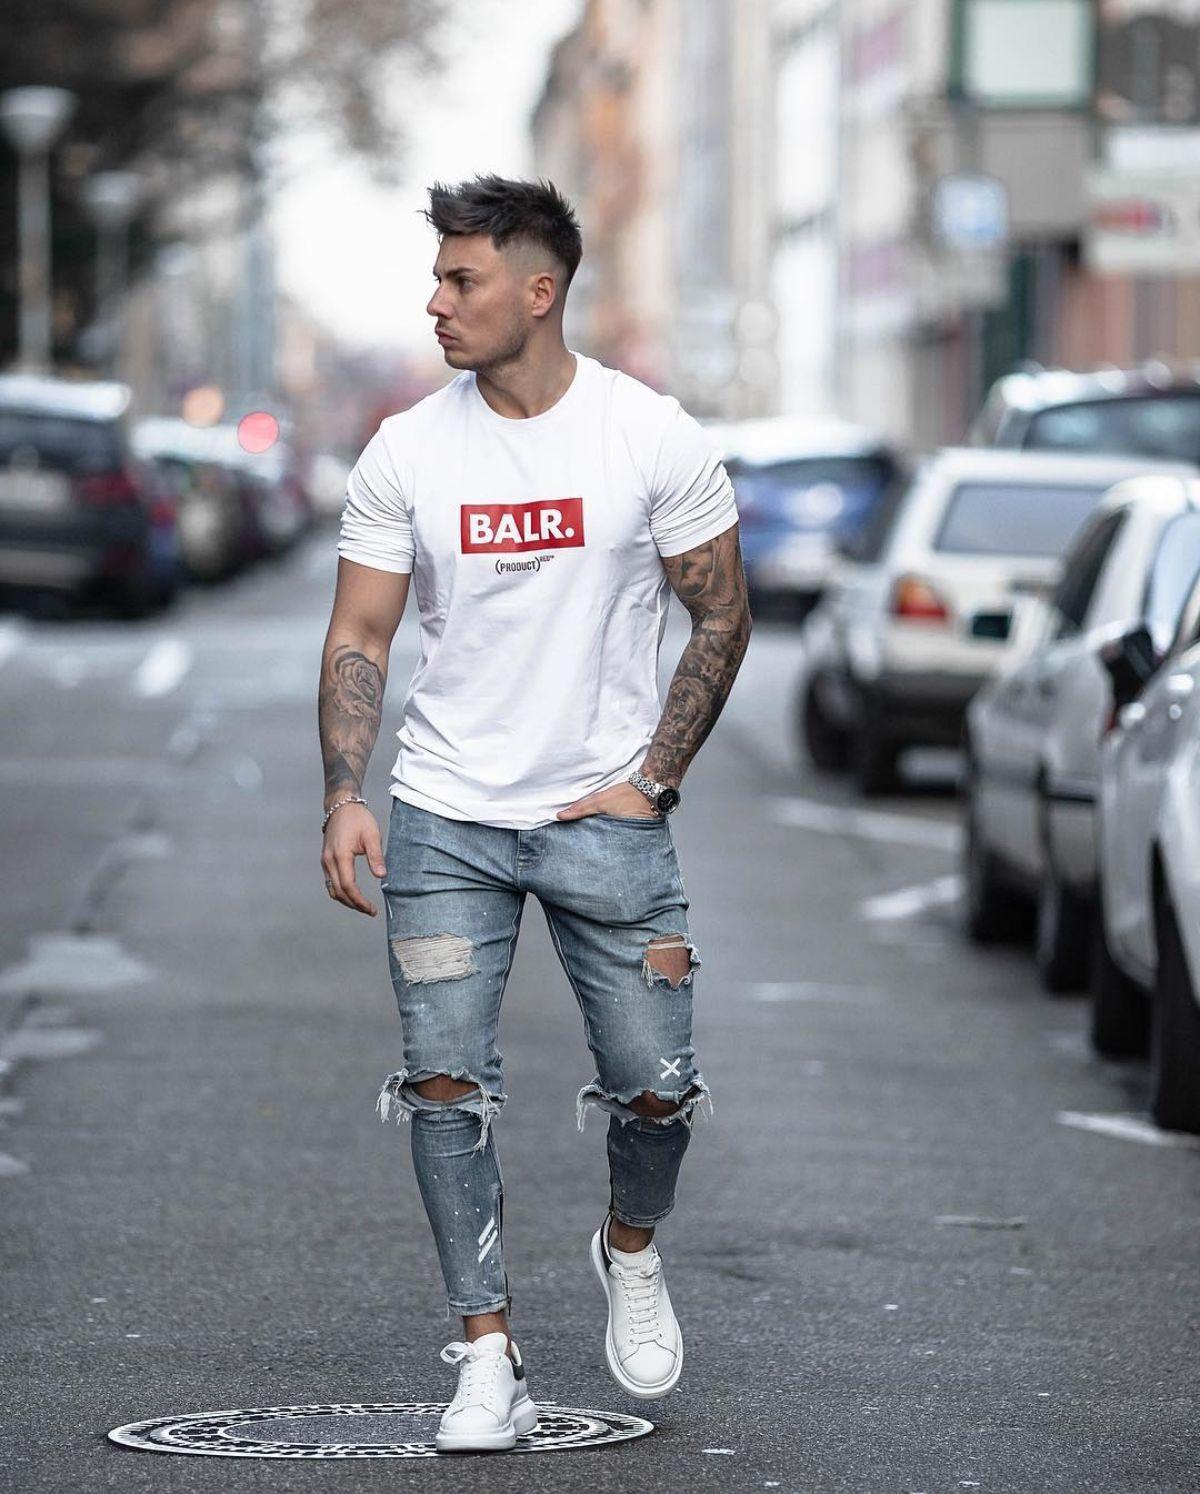 caba22487e7 Look masculino com calça jeans skinny destroyed e camiseta branca. Vejam e  conheçam outros modelos de calça jeans masculina no blog Marco da Moda -  Foto  ...